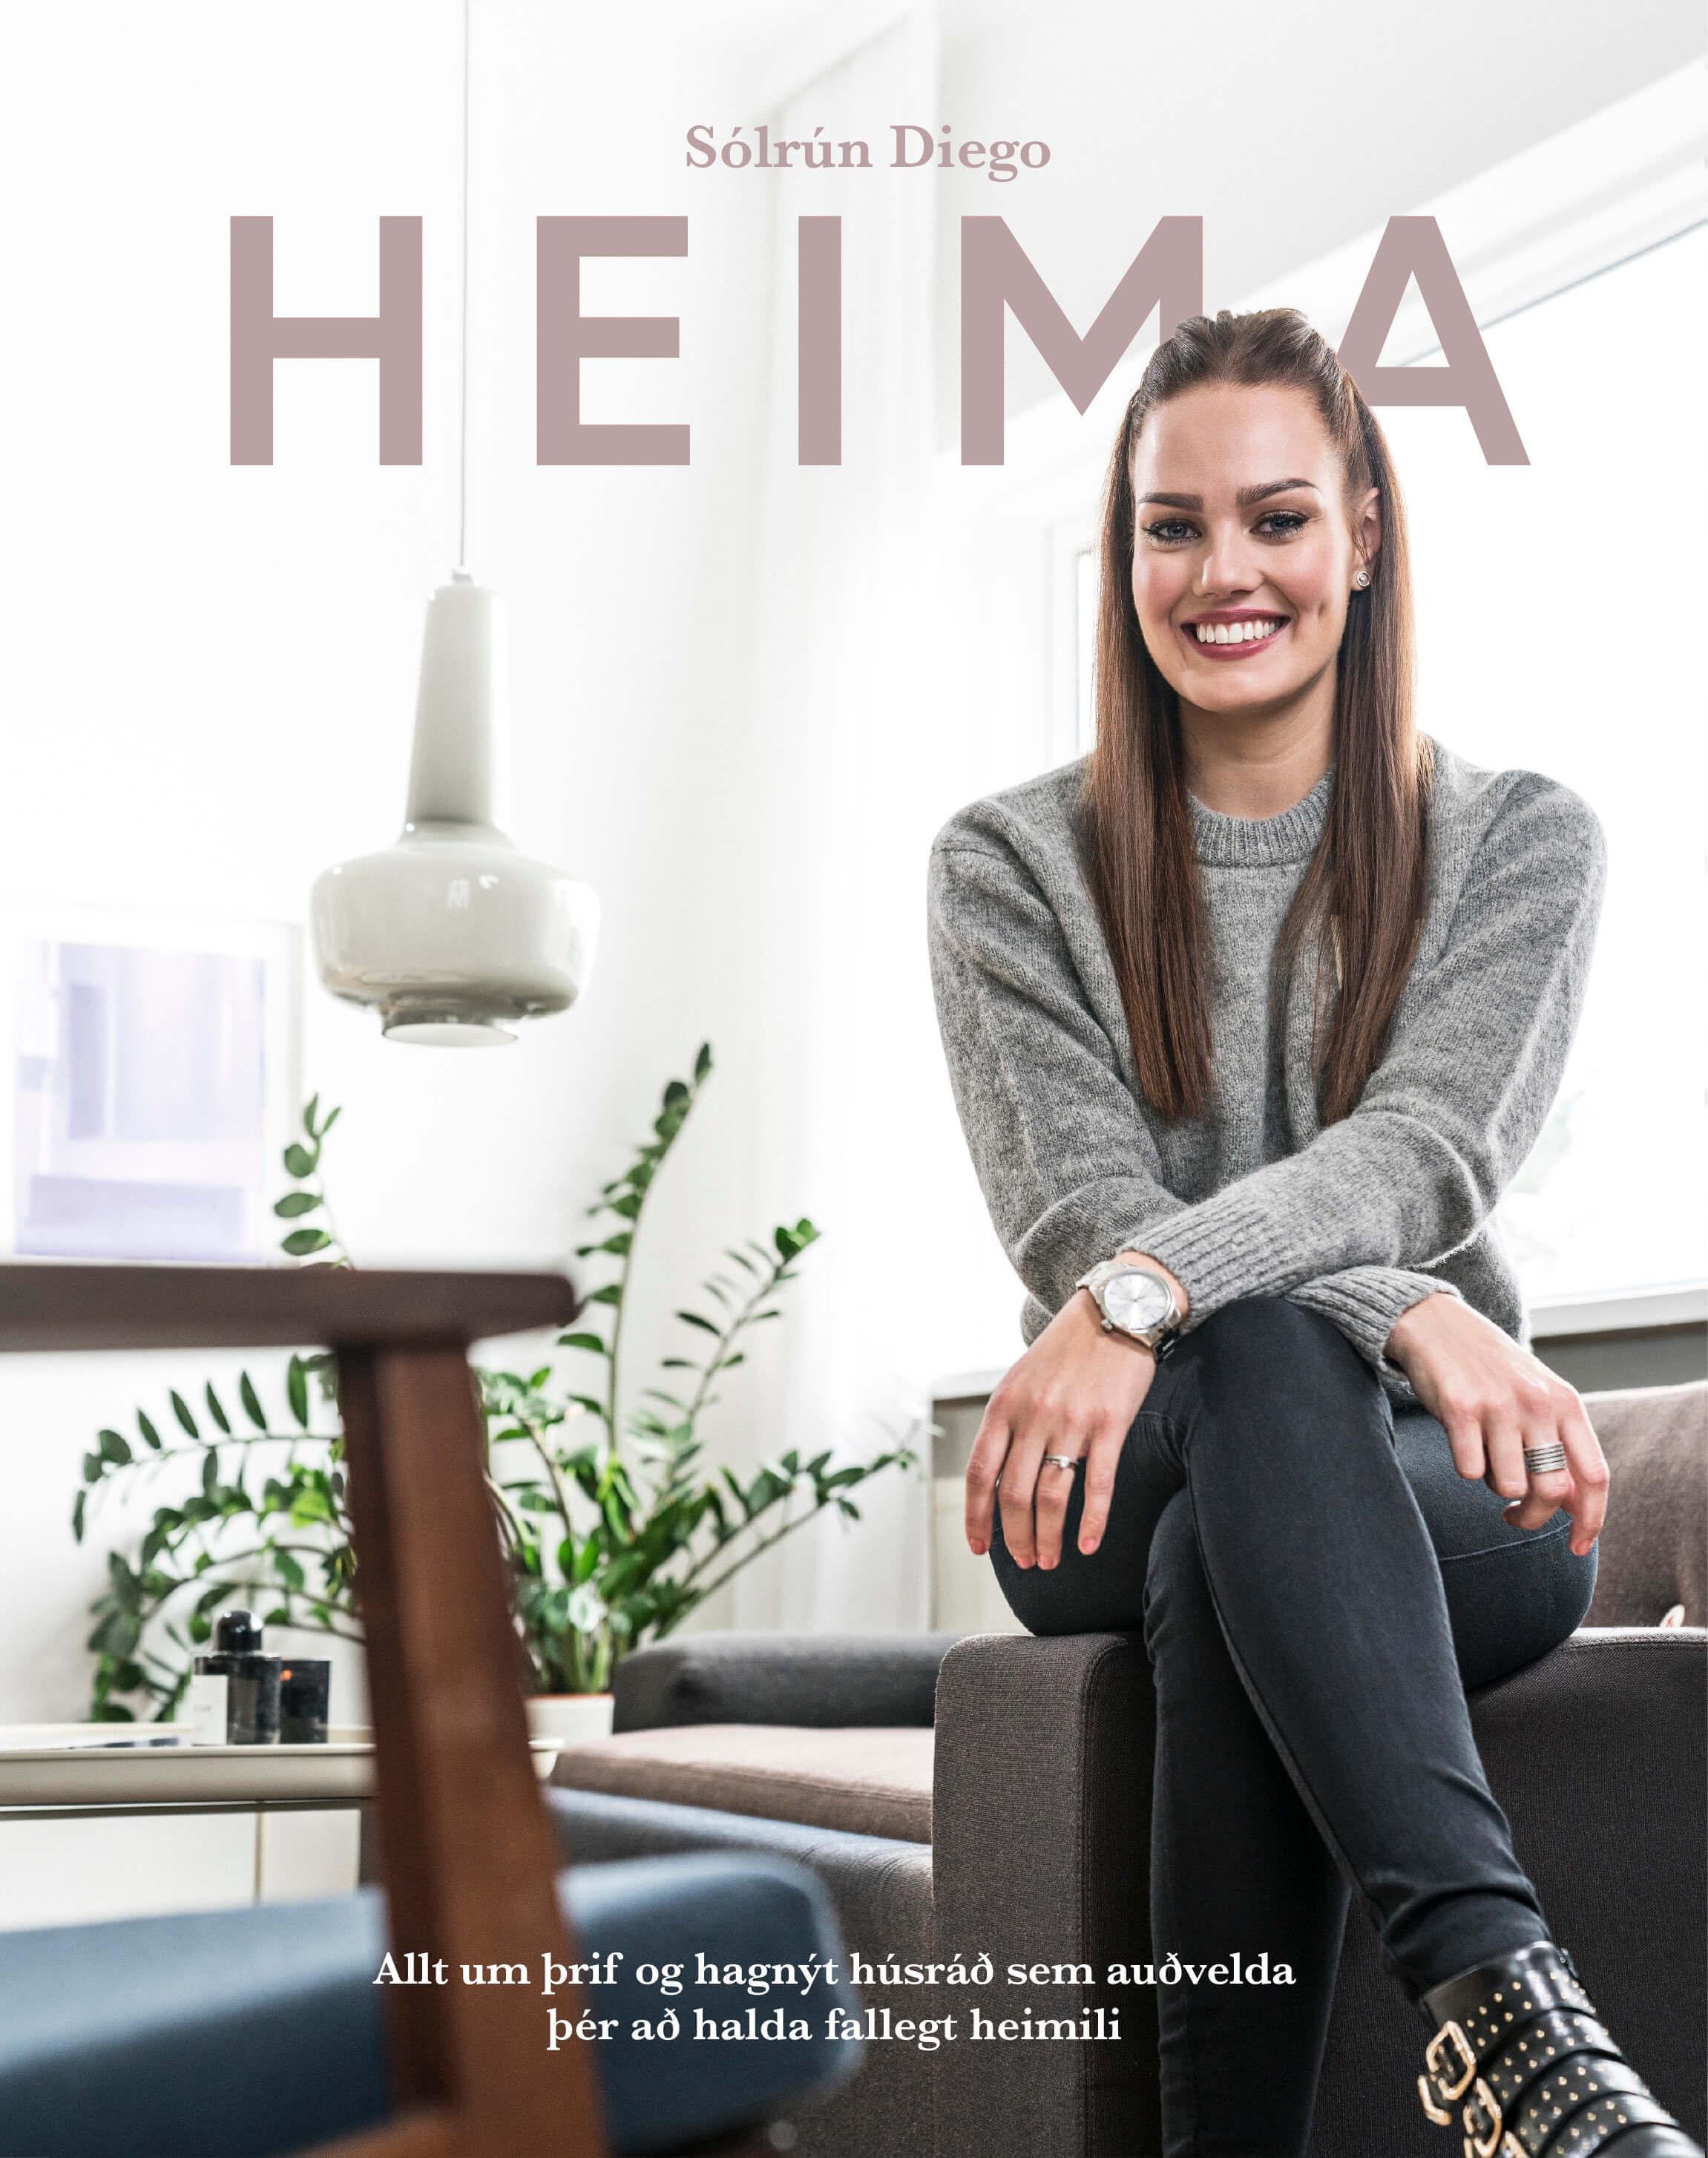 Heima